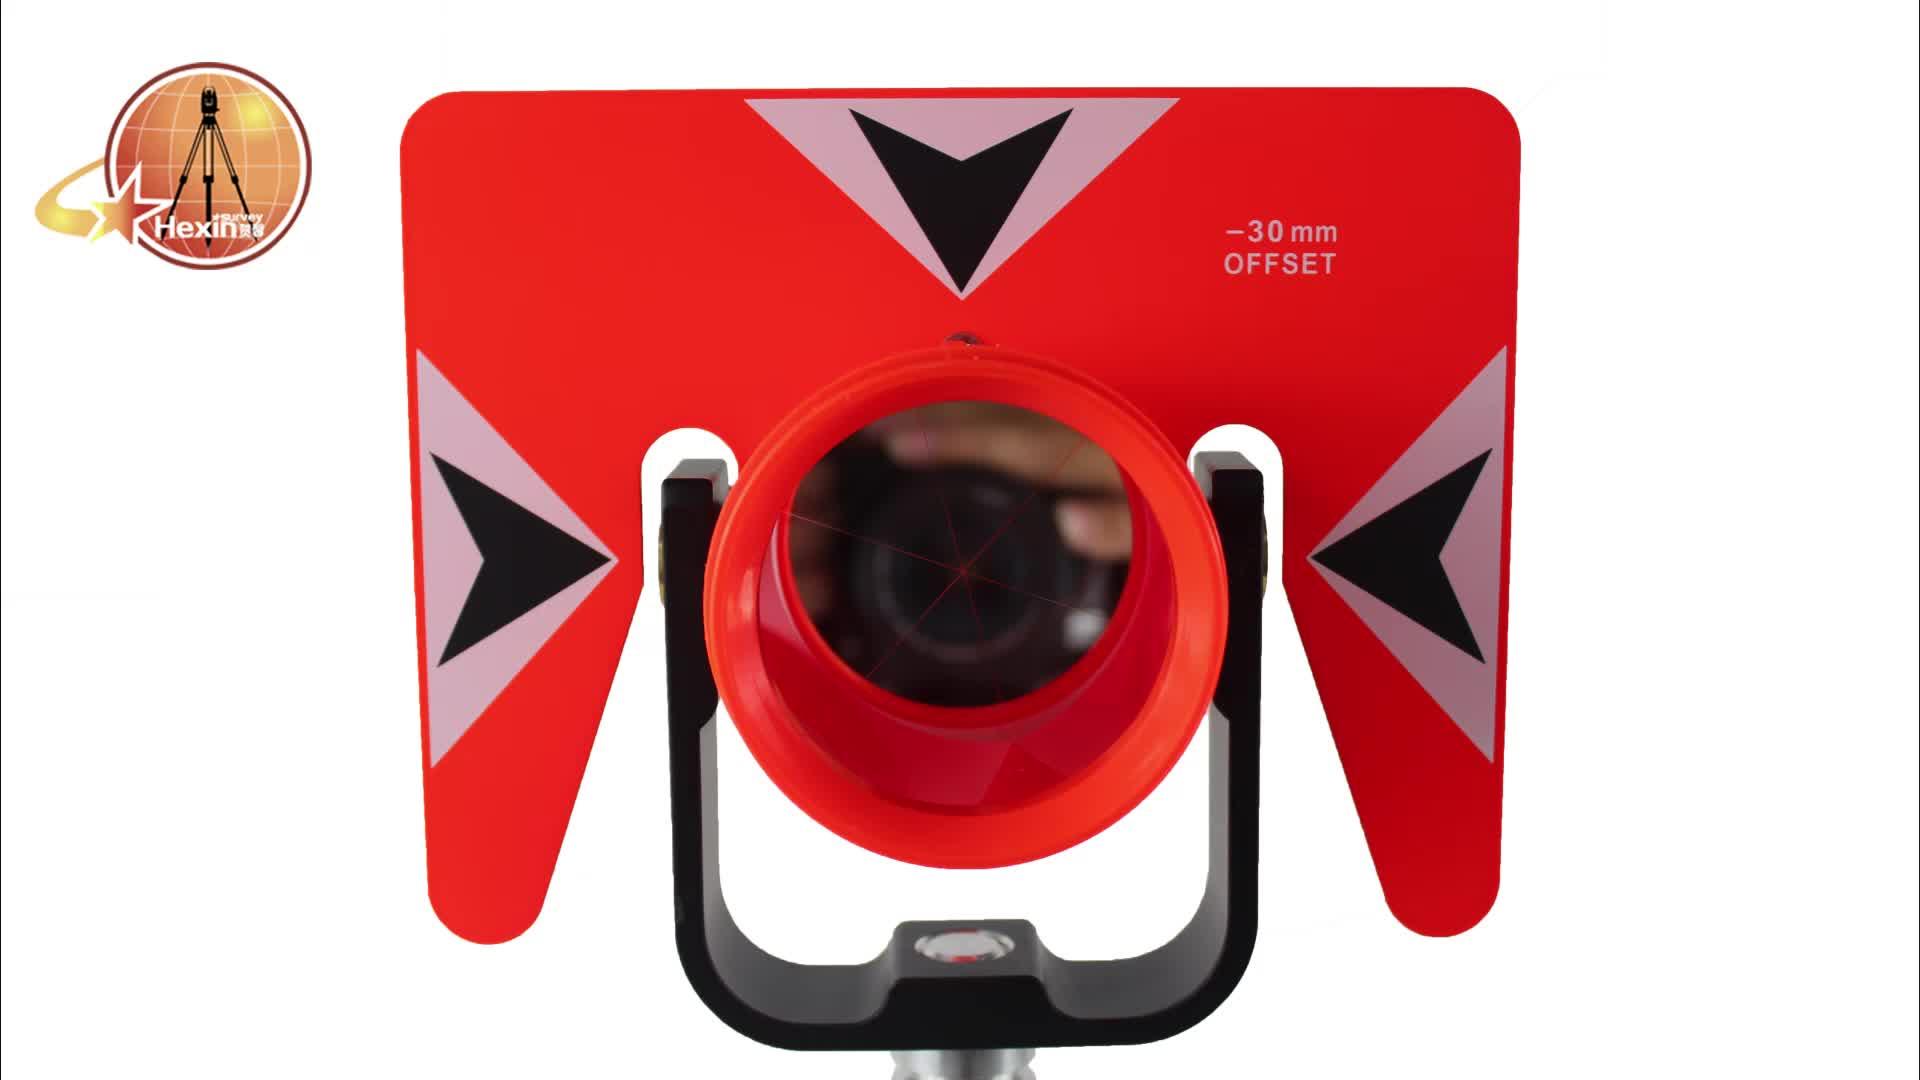 Buona qualità piccolo apparecchiature di rilevamento di plastica prisma ottico Sokkia AK19 65 millimetri Diametro Effettivo prisma ottico